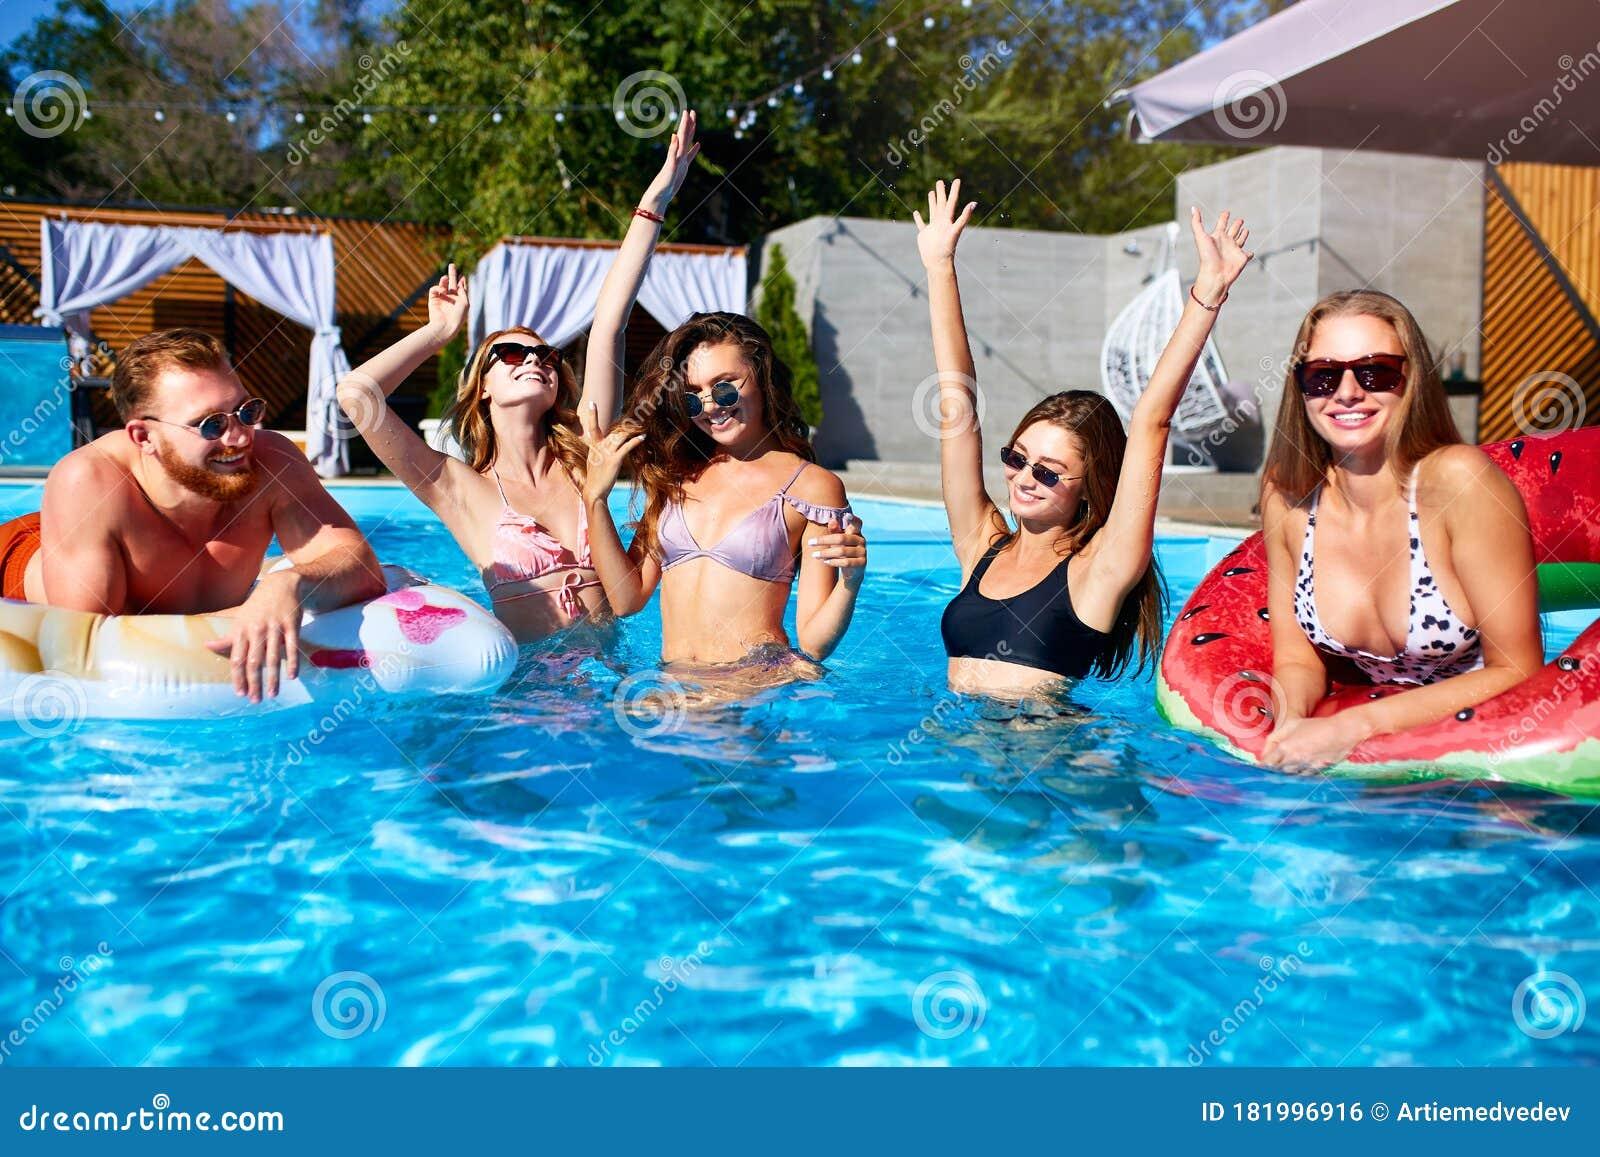 Group Hot Women